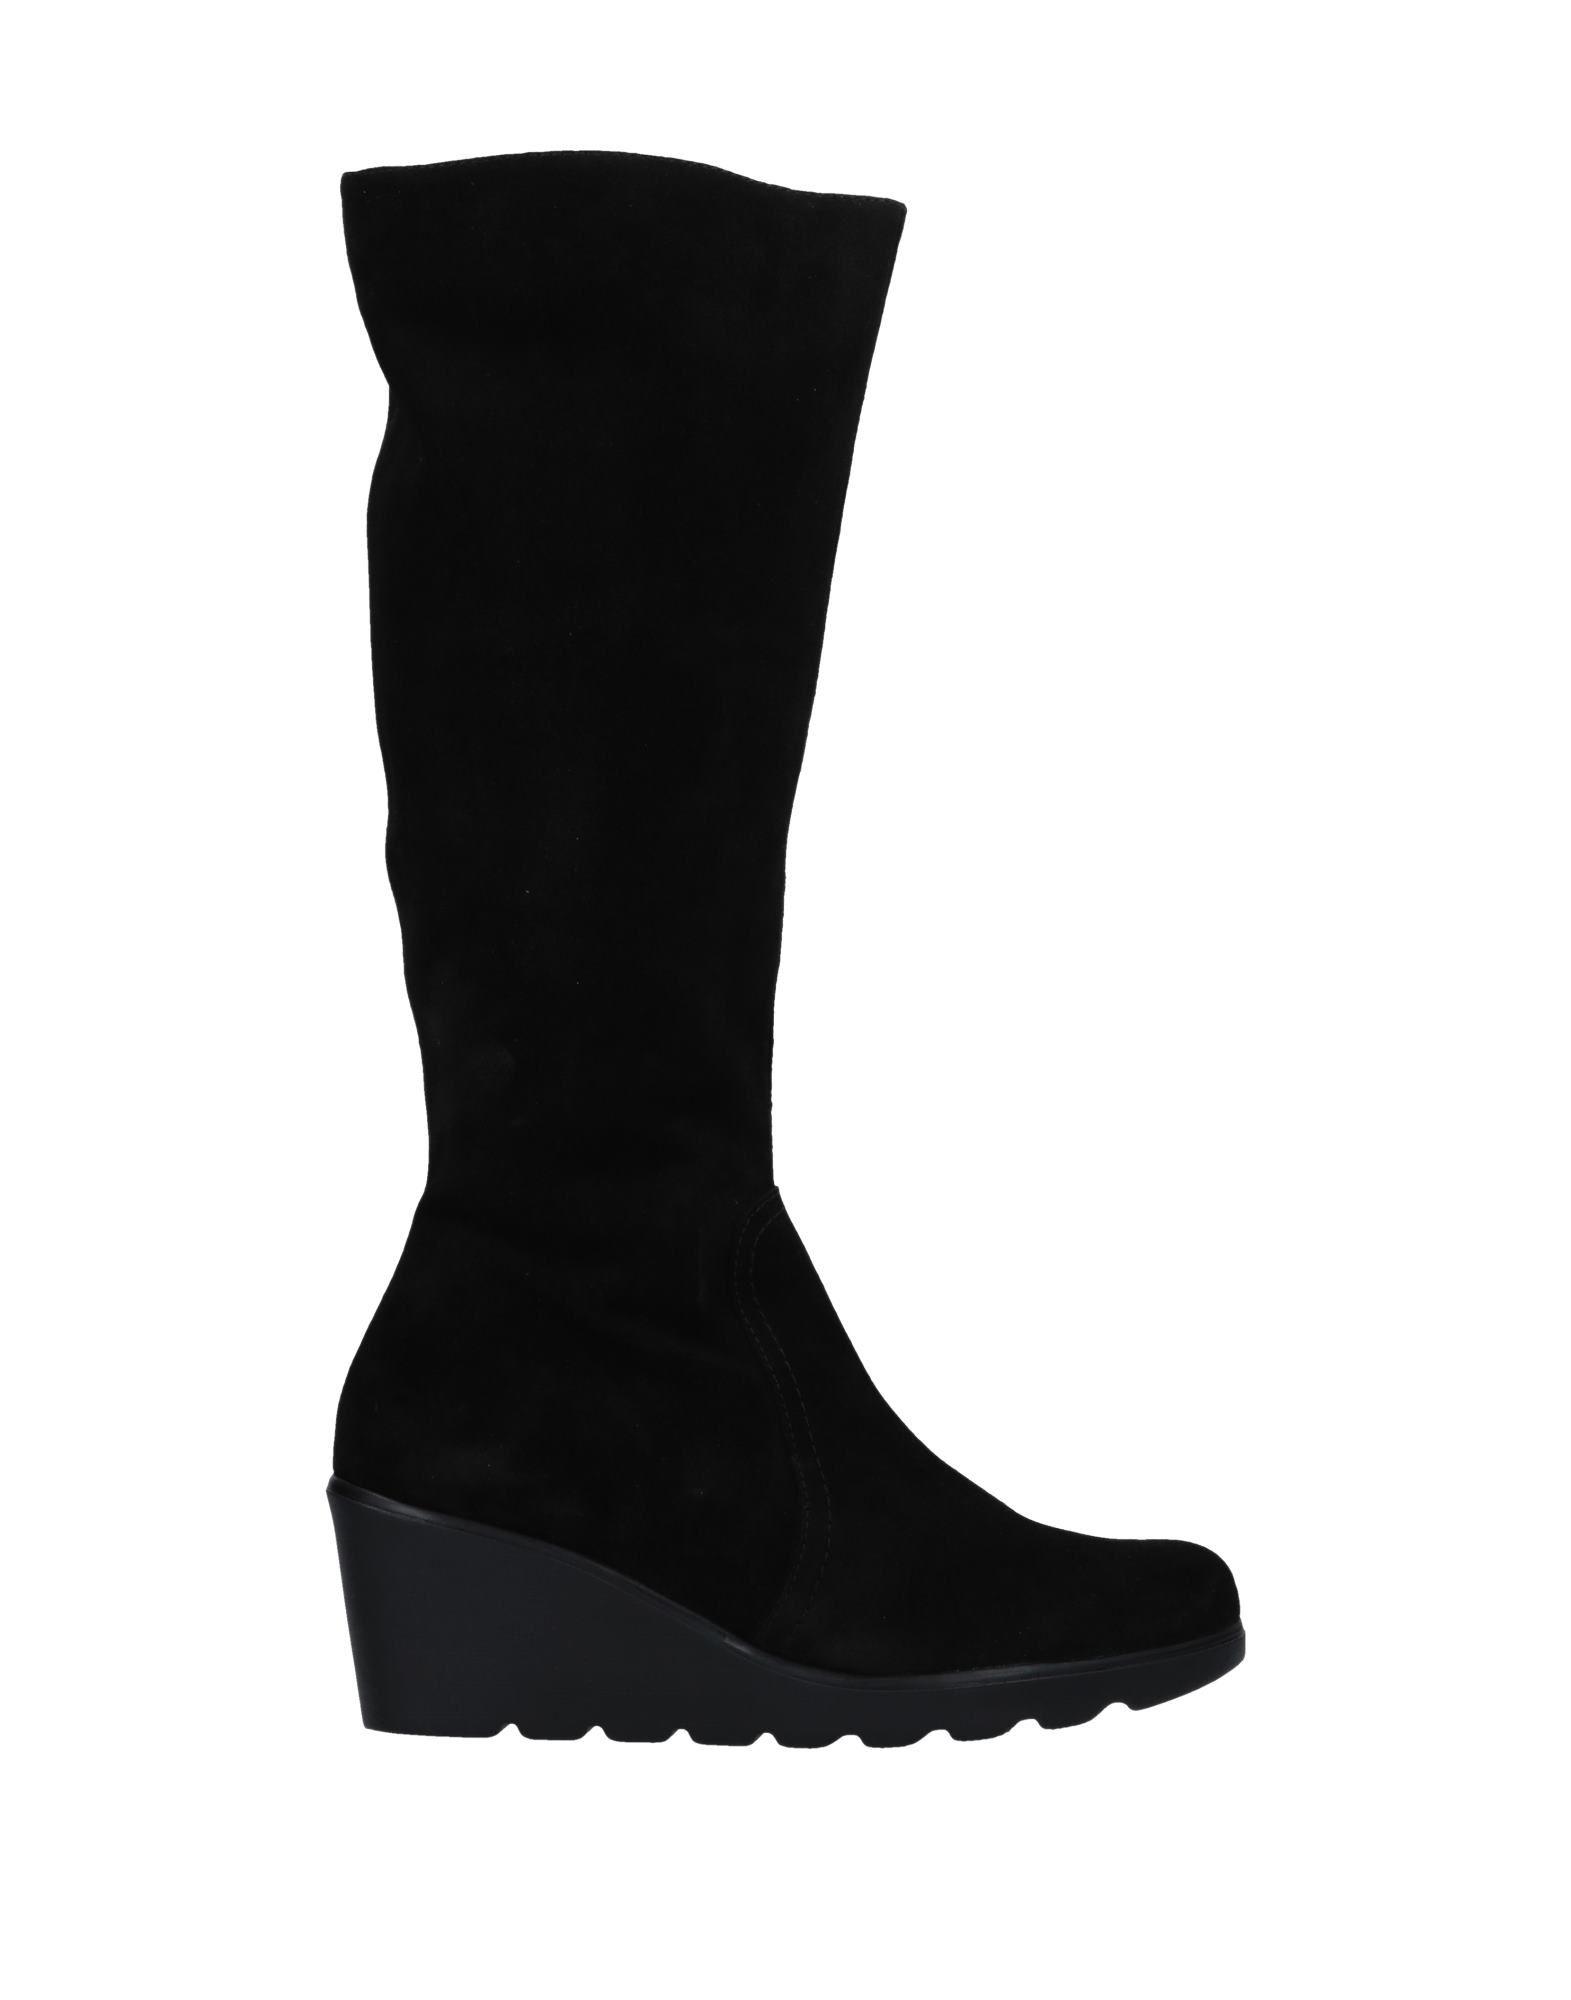 Toni Pons Stiefel Damen  11520600IC Gute Qualität beliebte Schuhe